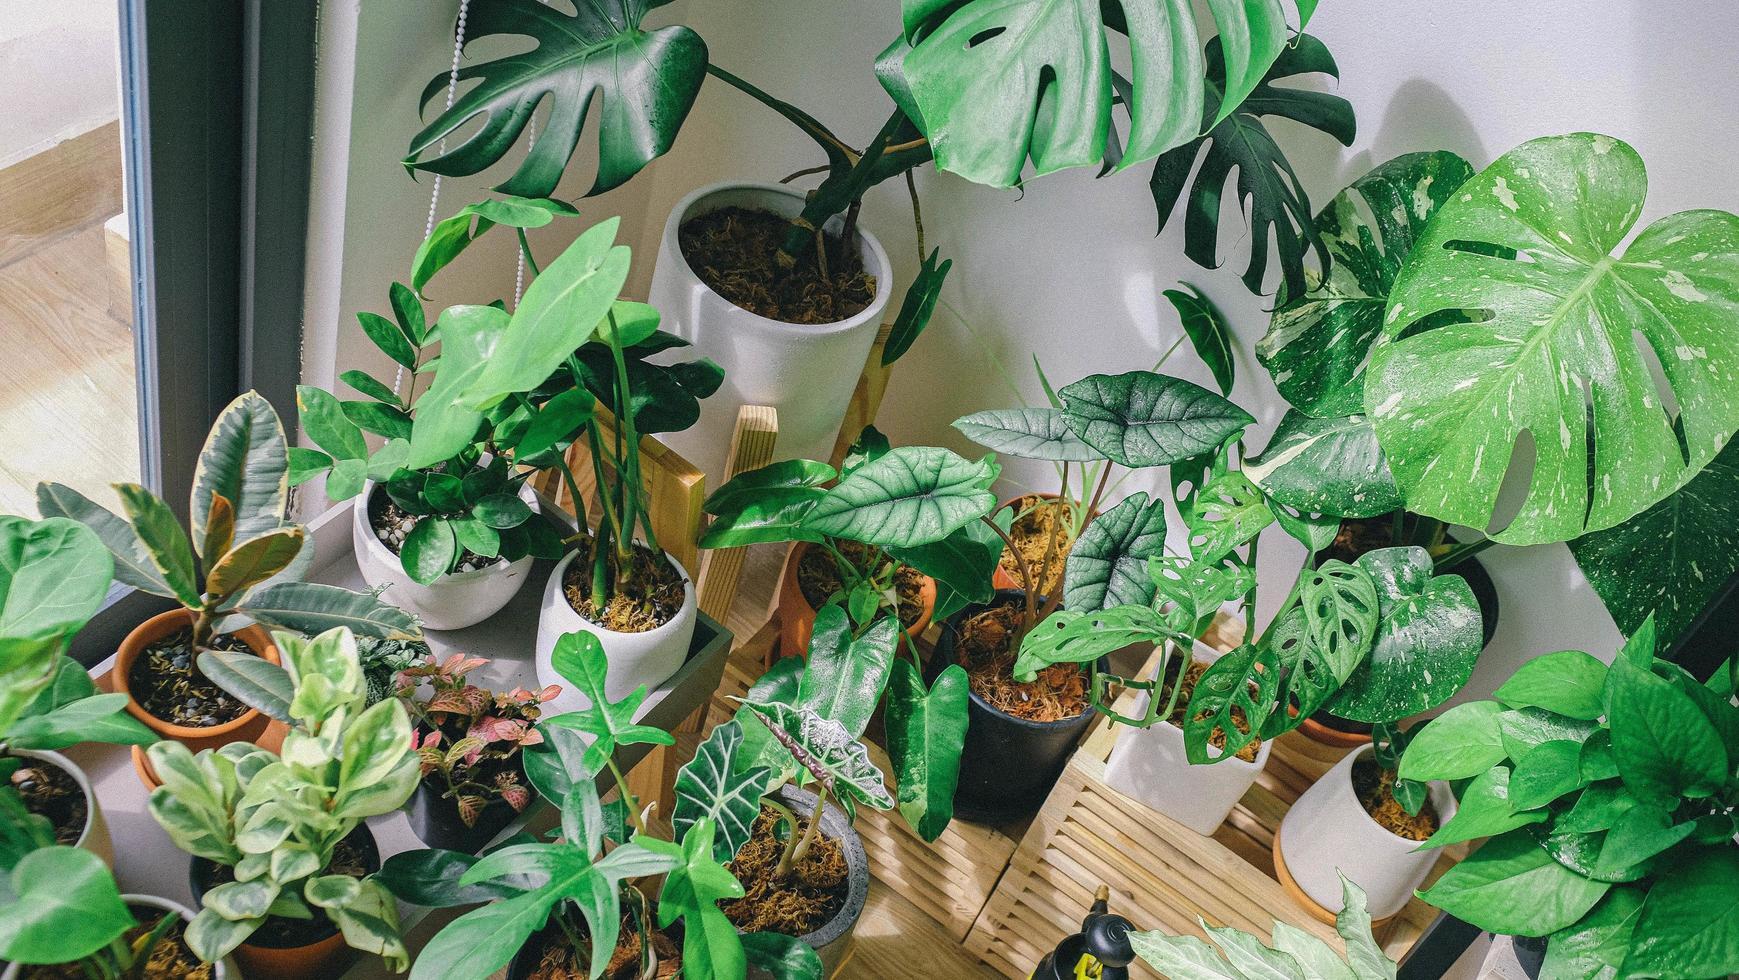 vasos de plantas perto de uma janela foto